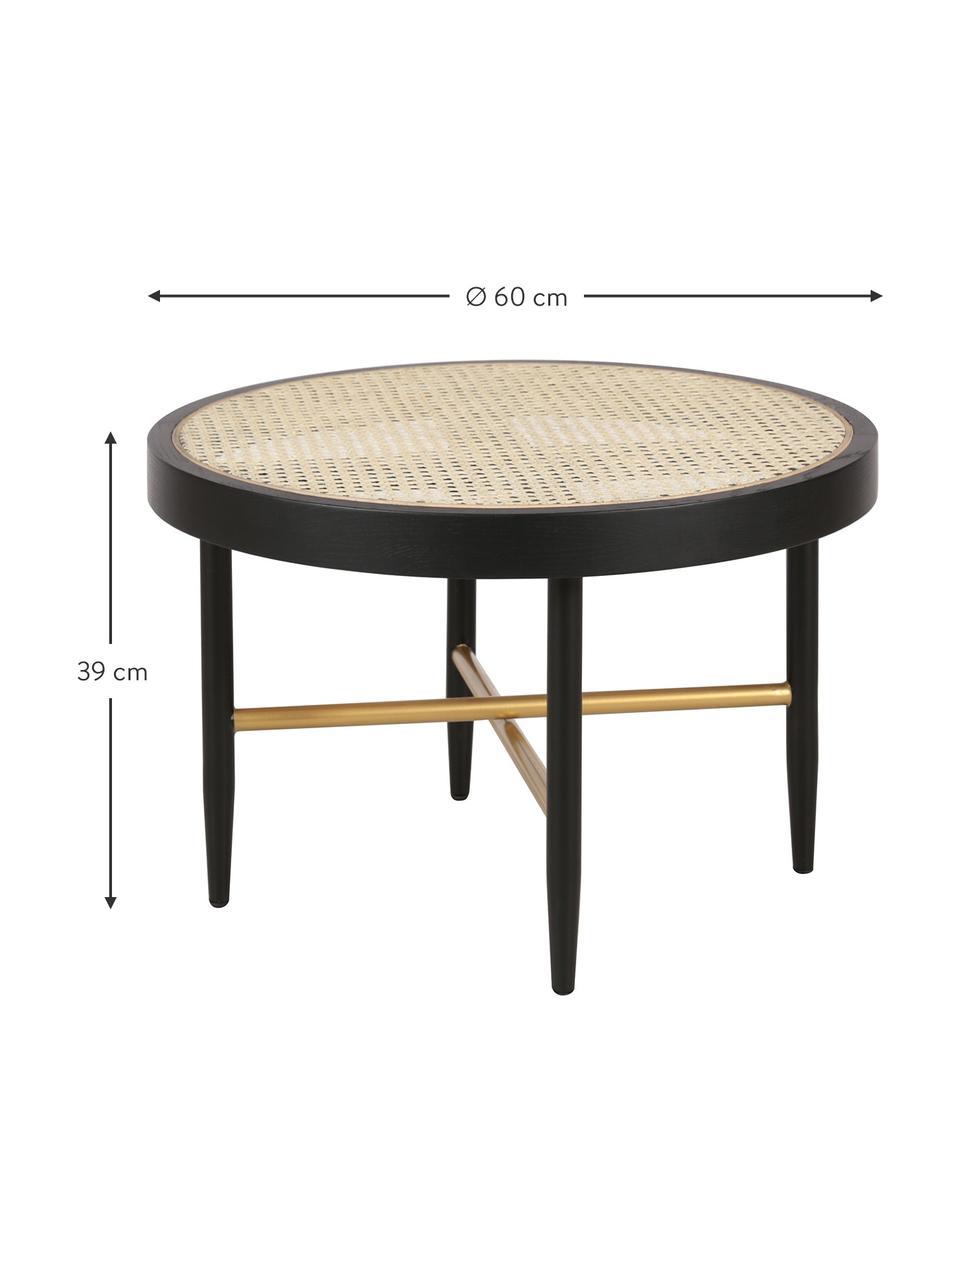 Stolik kawowy z plecionką wiedeńską Exalt, Stelaż: lite drewno dębowe, lakie, Blat: rattan, Czarny, beżowy, Ø 60 x W 39 cm